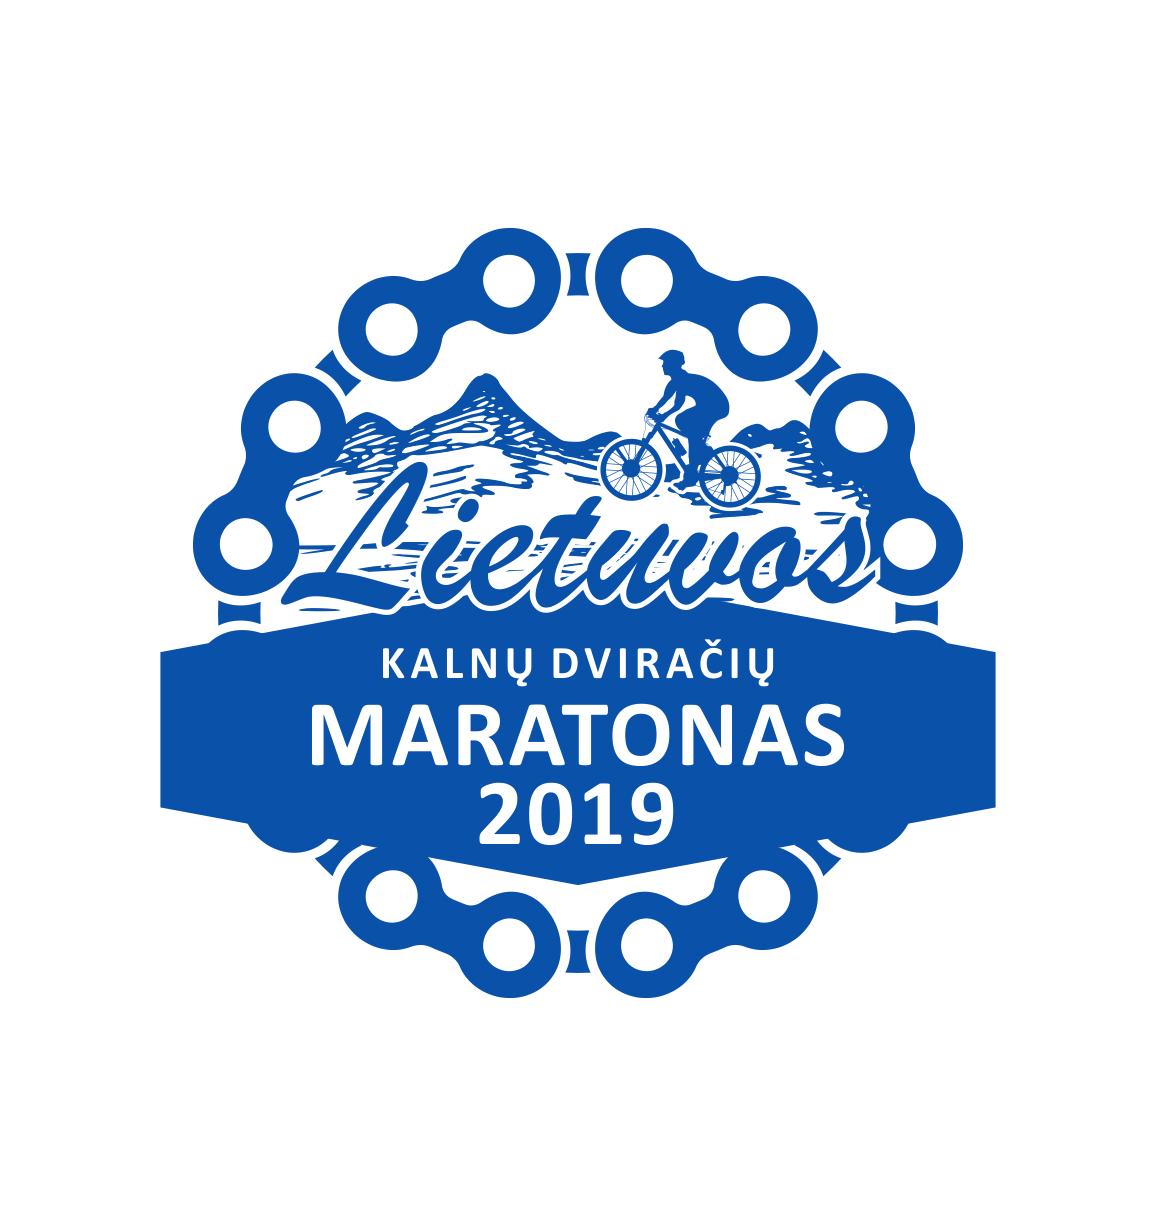 kalnu dviraciu maratono logo